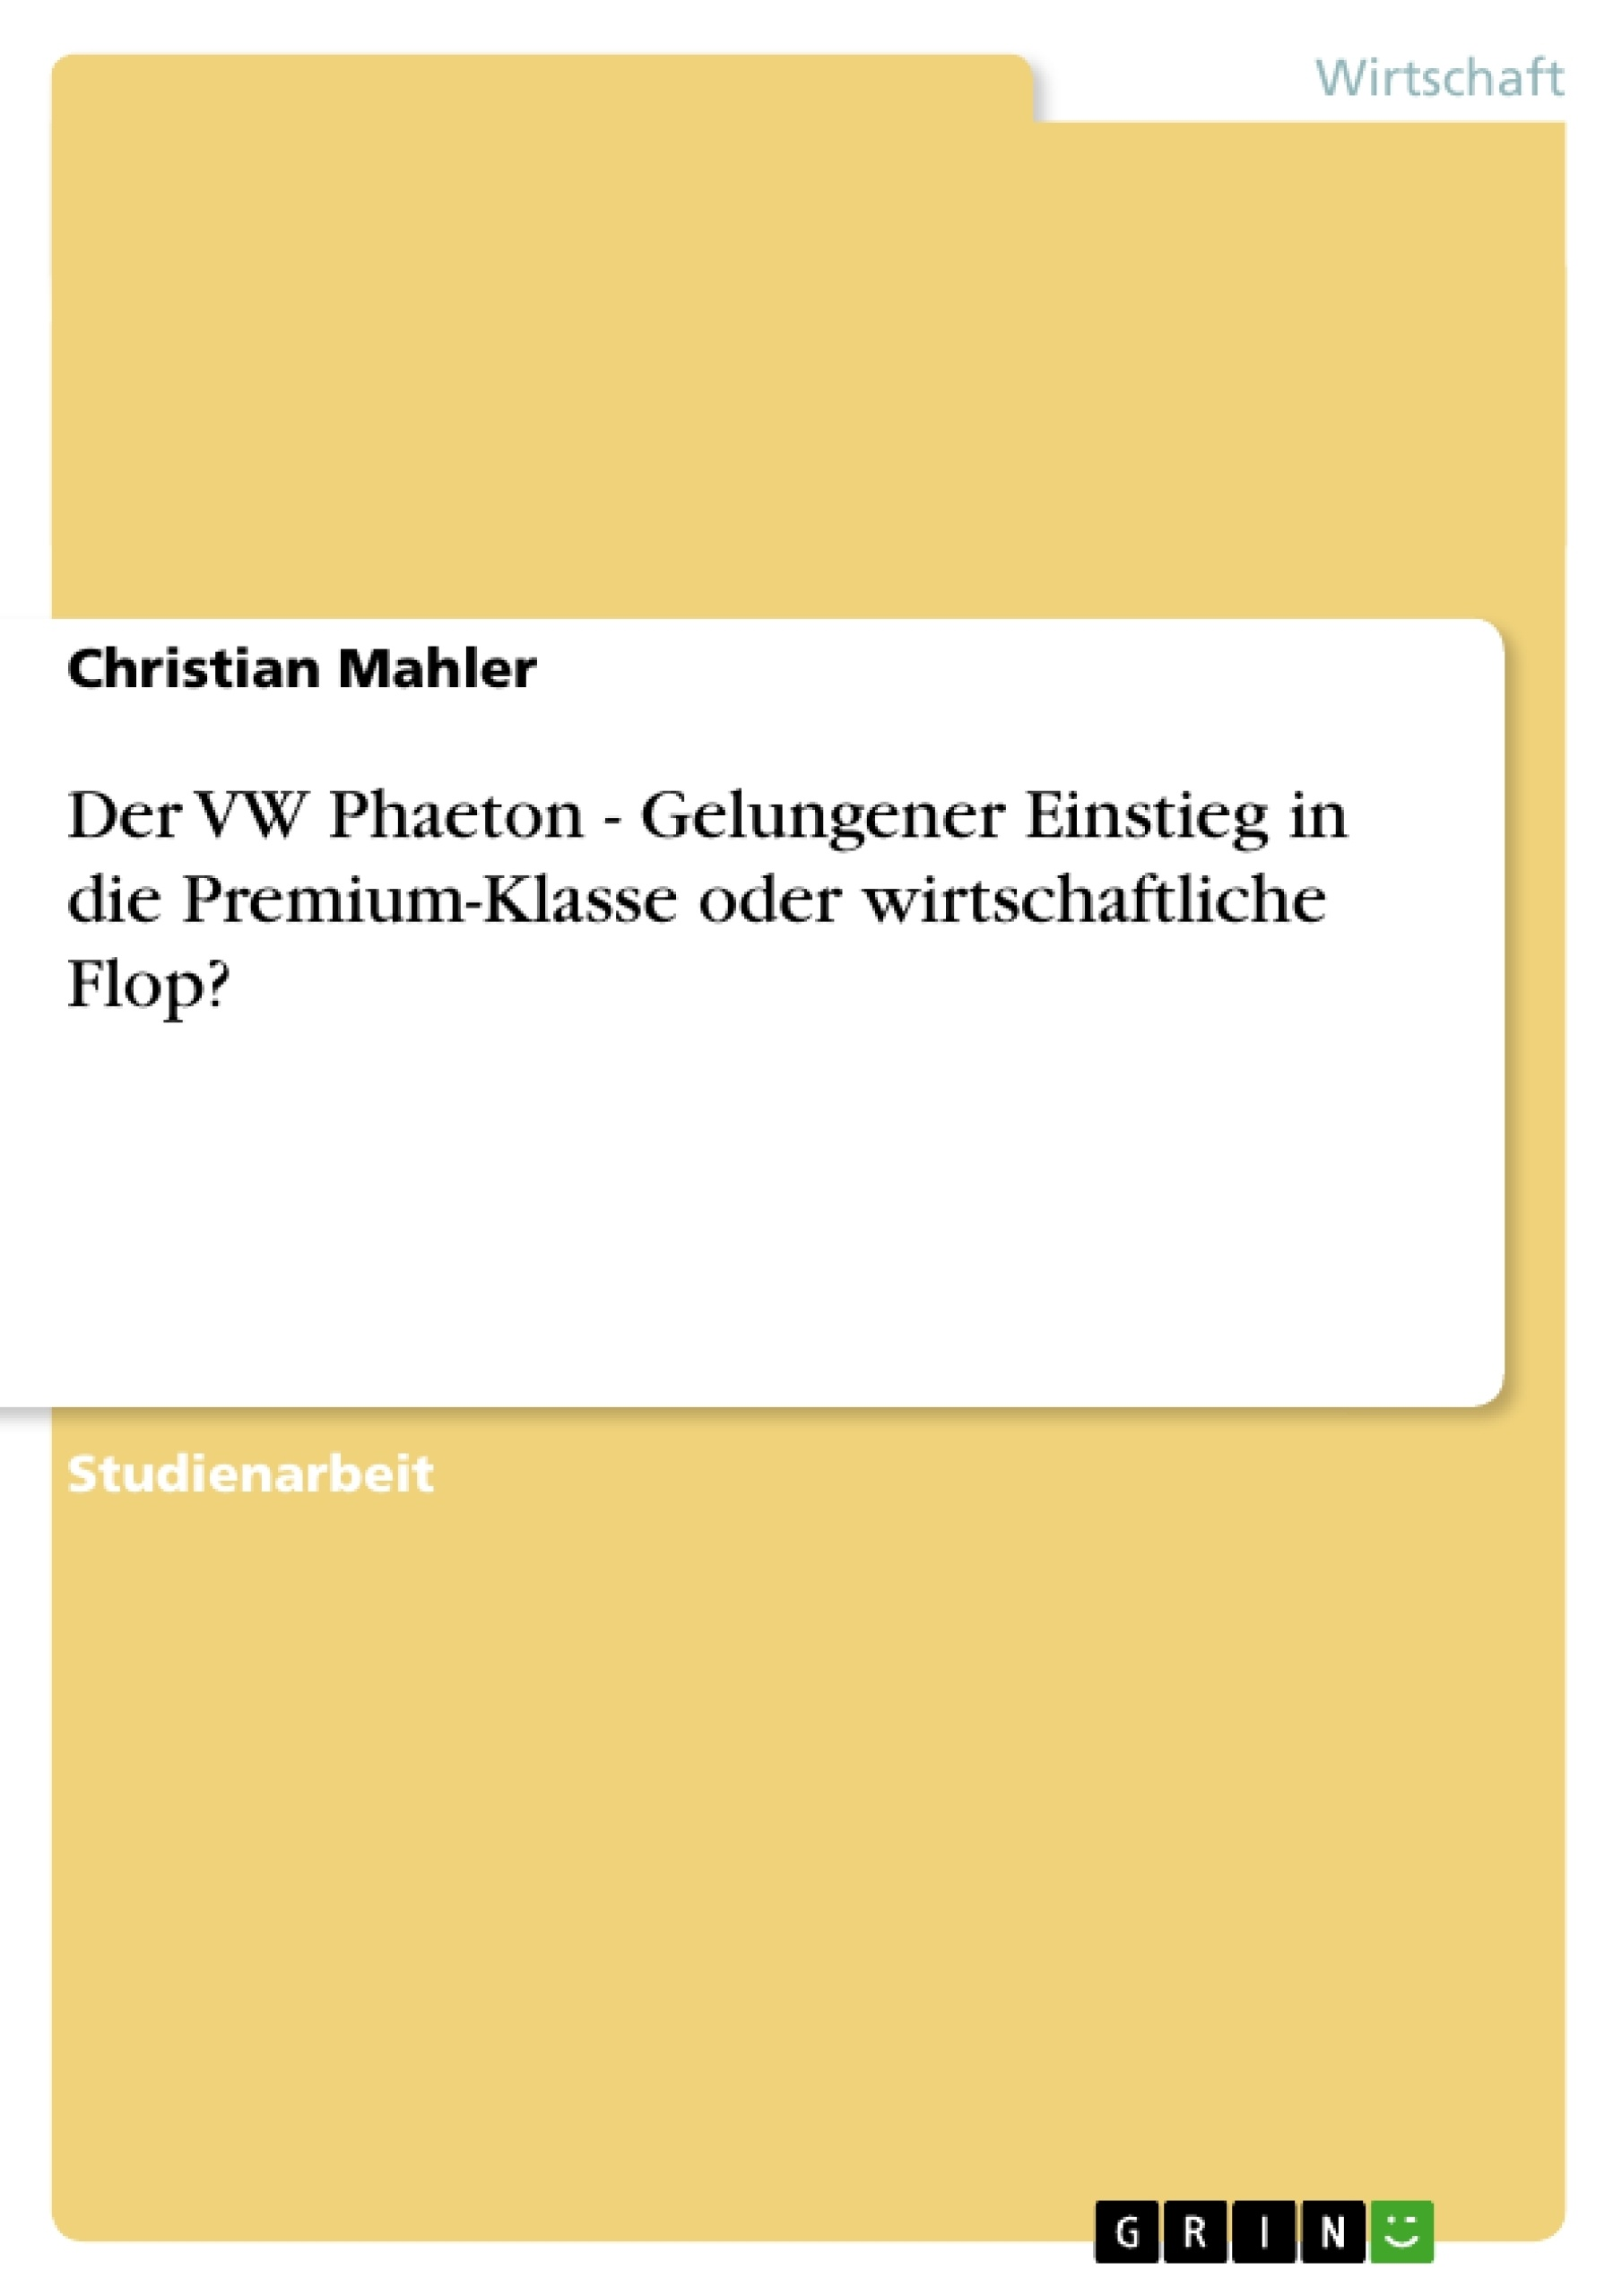 Titel: Der VW Phaeton - Gelungener Einstieg in die Premium-Klasse oder wirtschaftliche Flop?